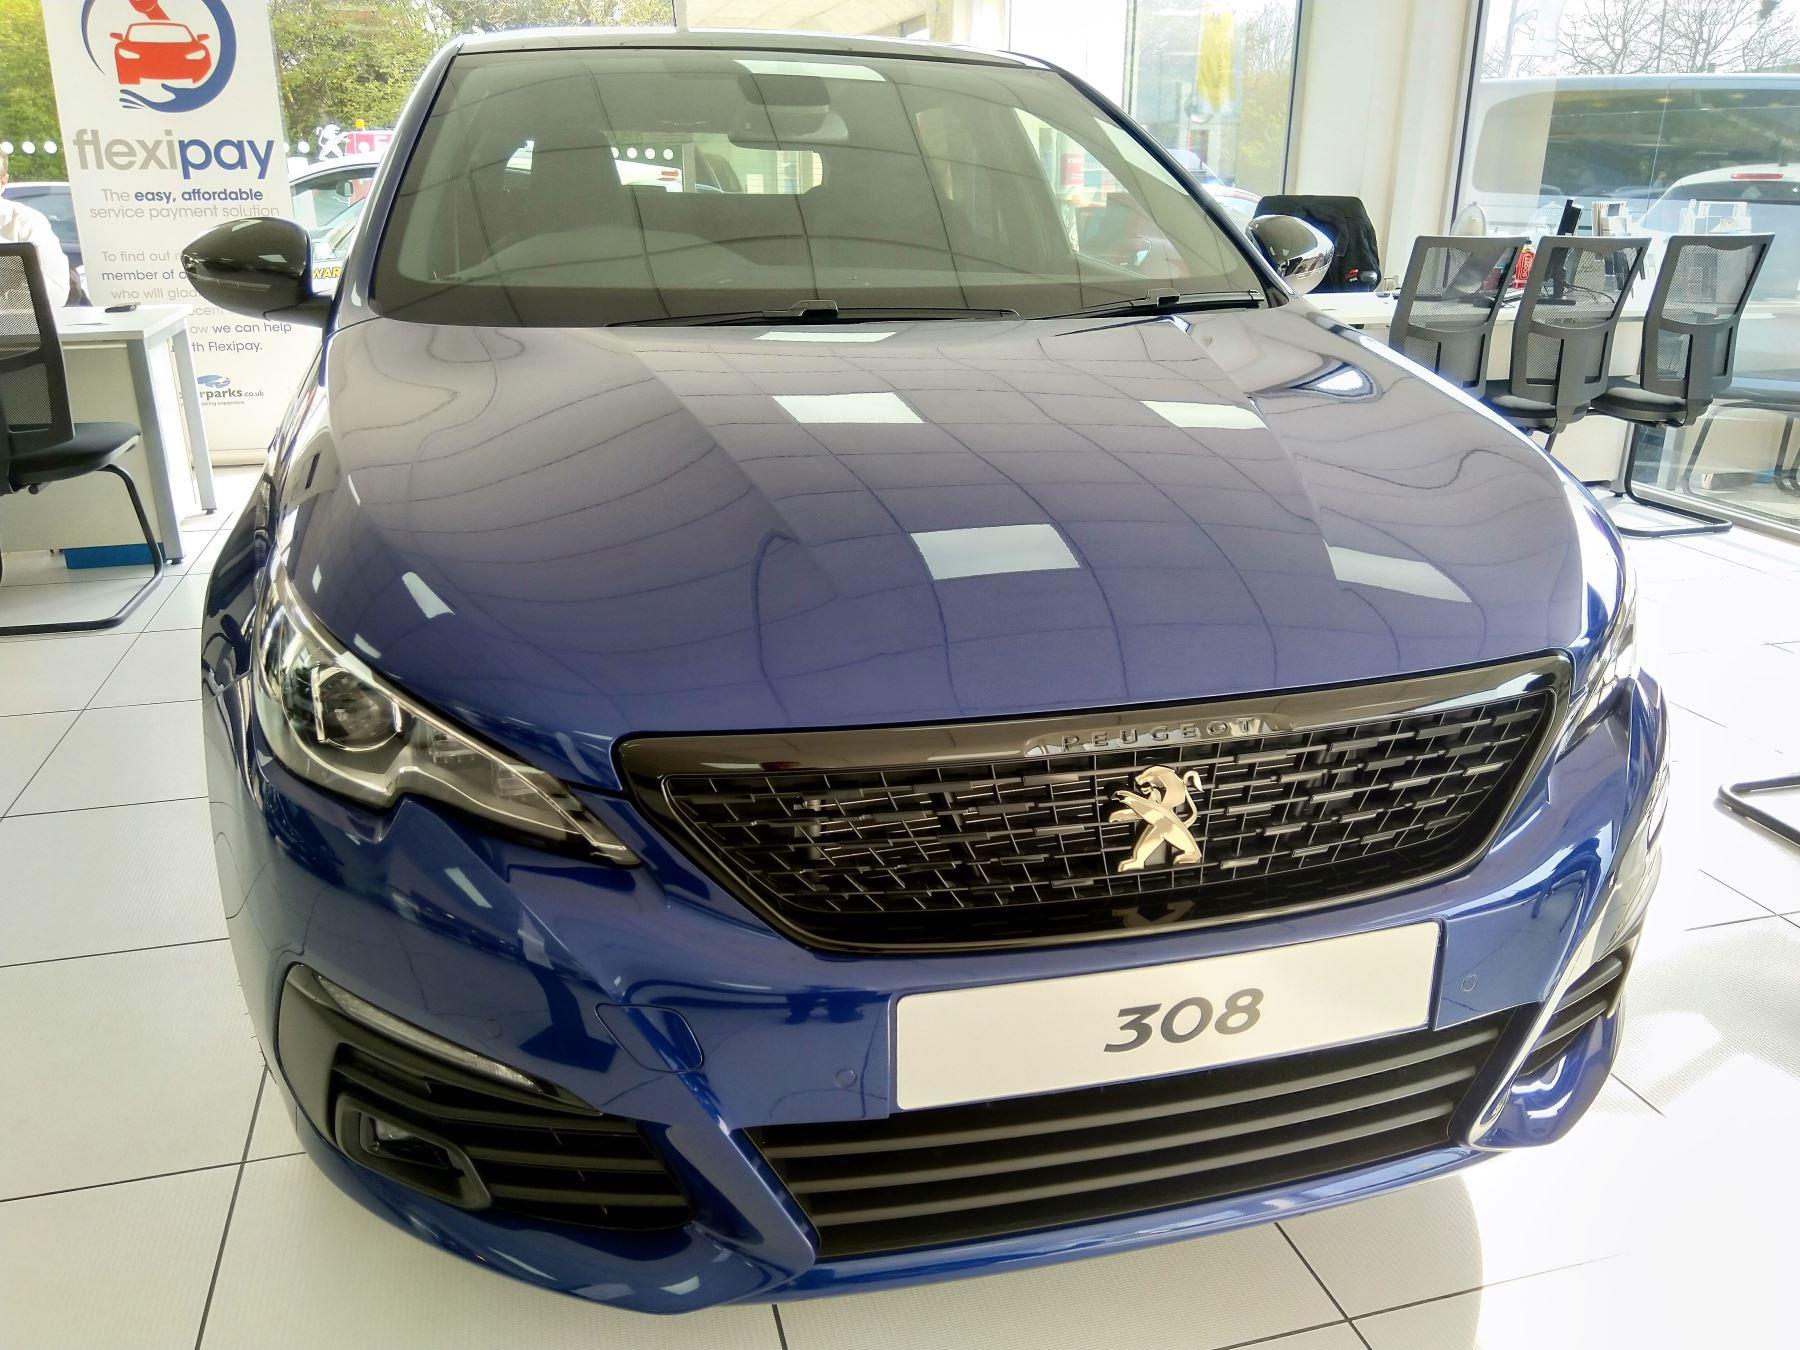 Peugeot 308 1.5 BlueHDi 130 GT Line Diesel 5 door Hatchback (17MY)